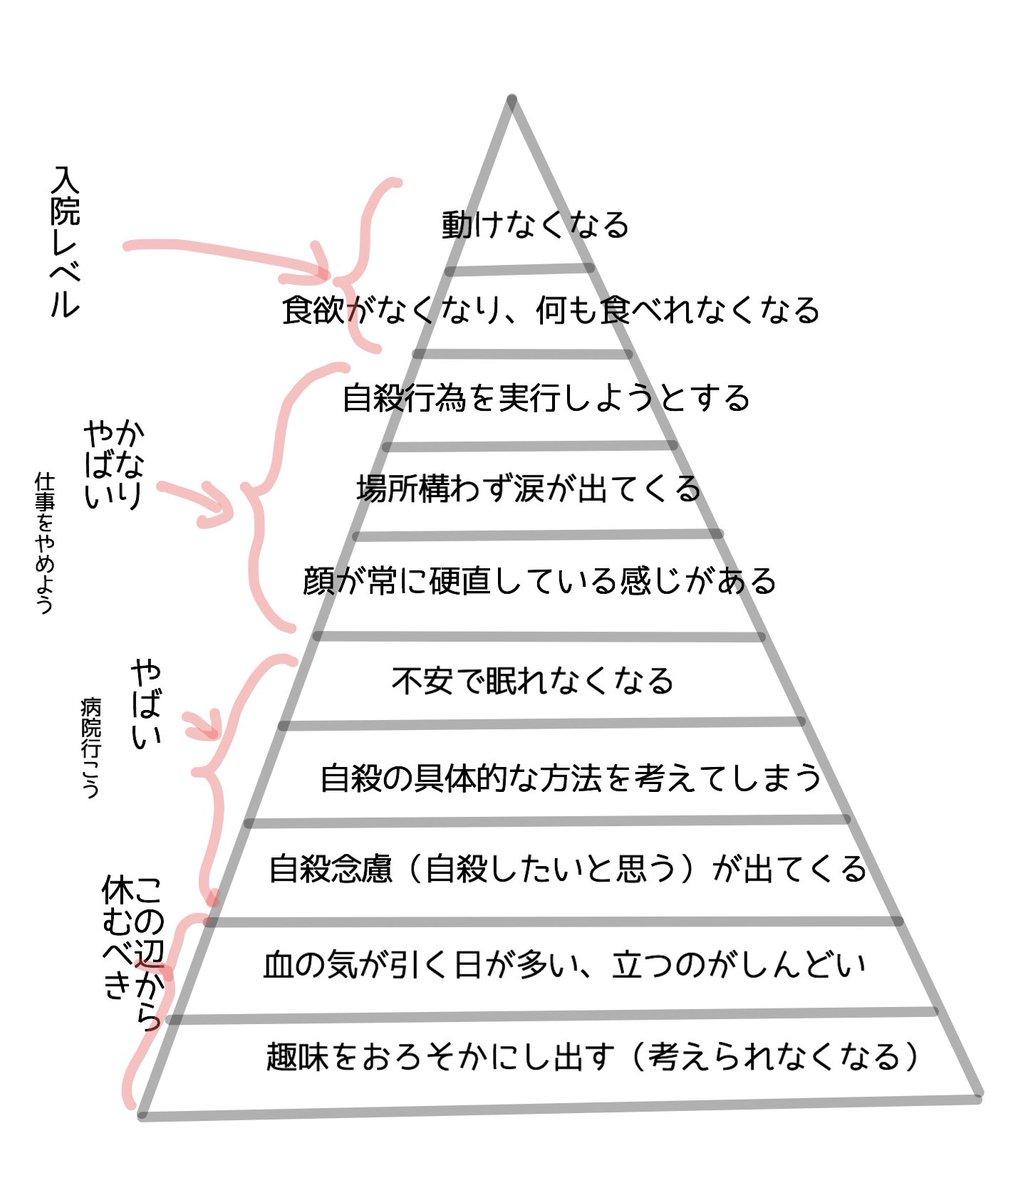 うつ病になったら徐々に出てくる症状のピラミッド型チャートをチェックしよう!